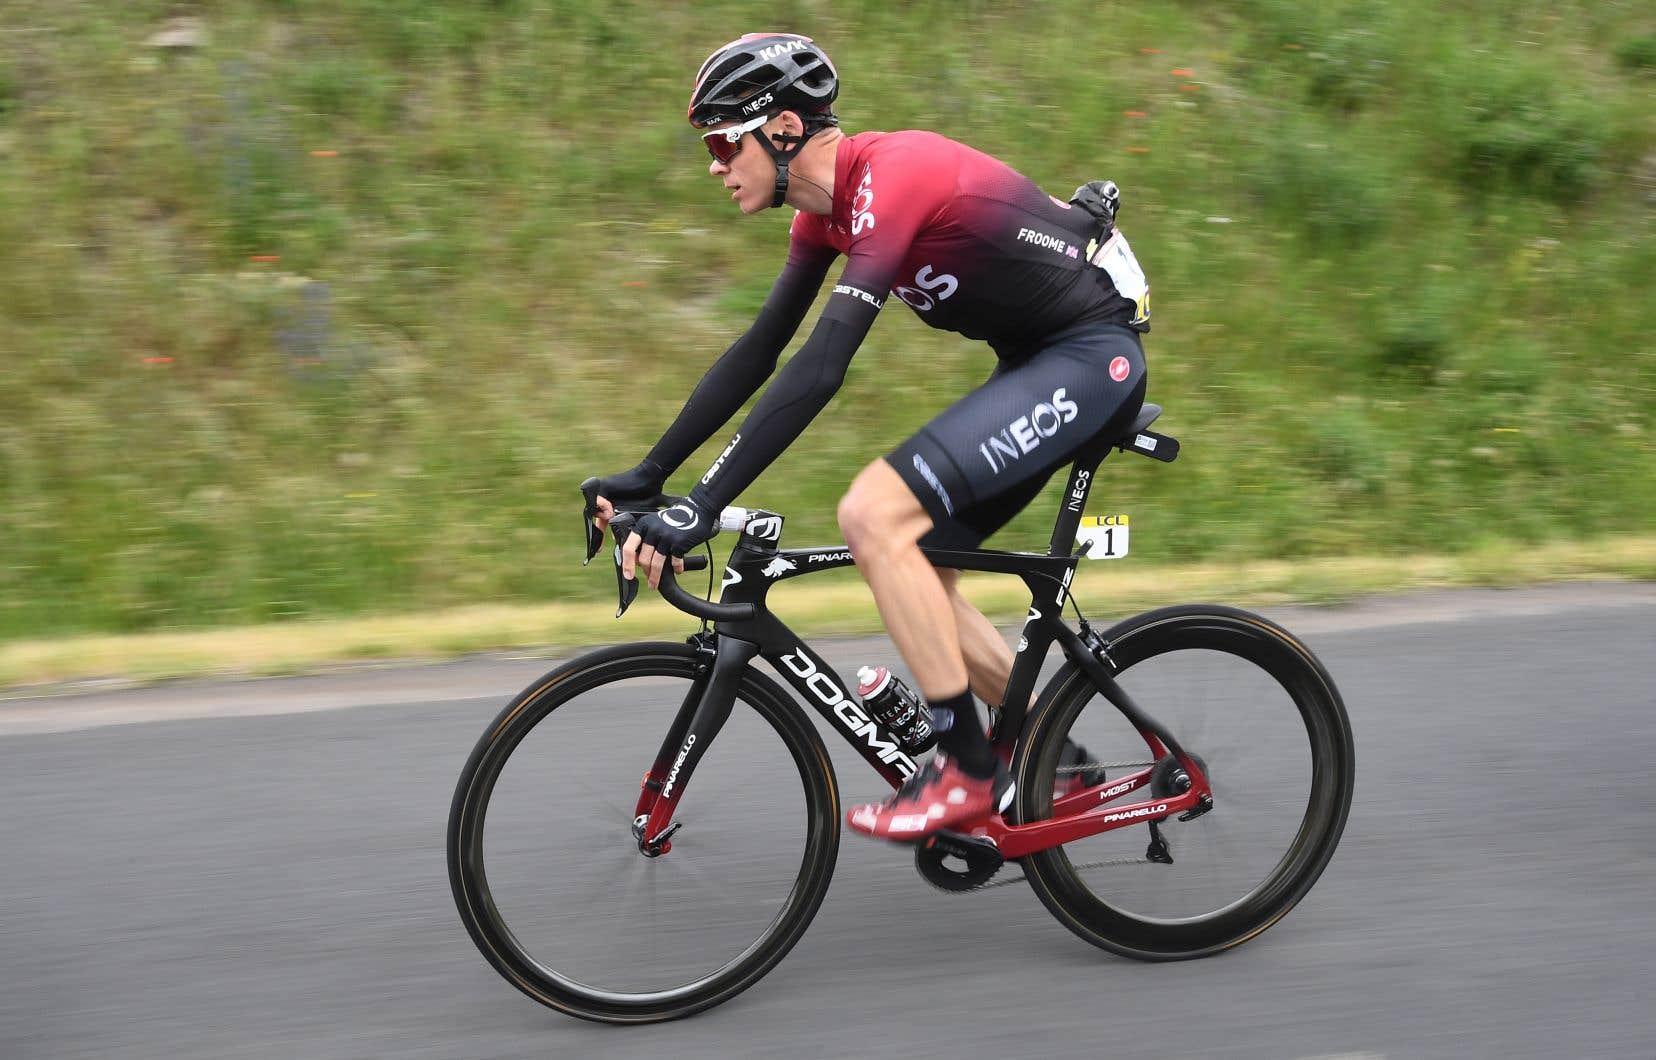 La chute du quadruple vainqueur du Tour de France s'est produite dans le village de Saint-André d'Apchon (Loire), sur une ligne droite et en descente.